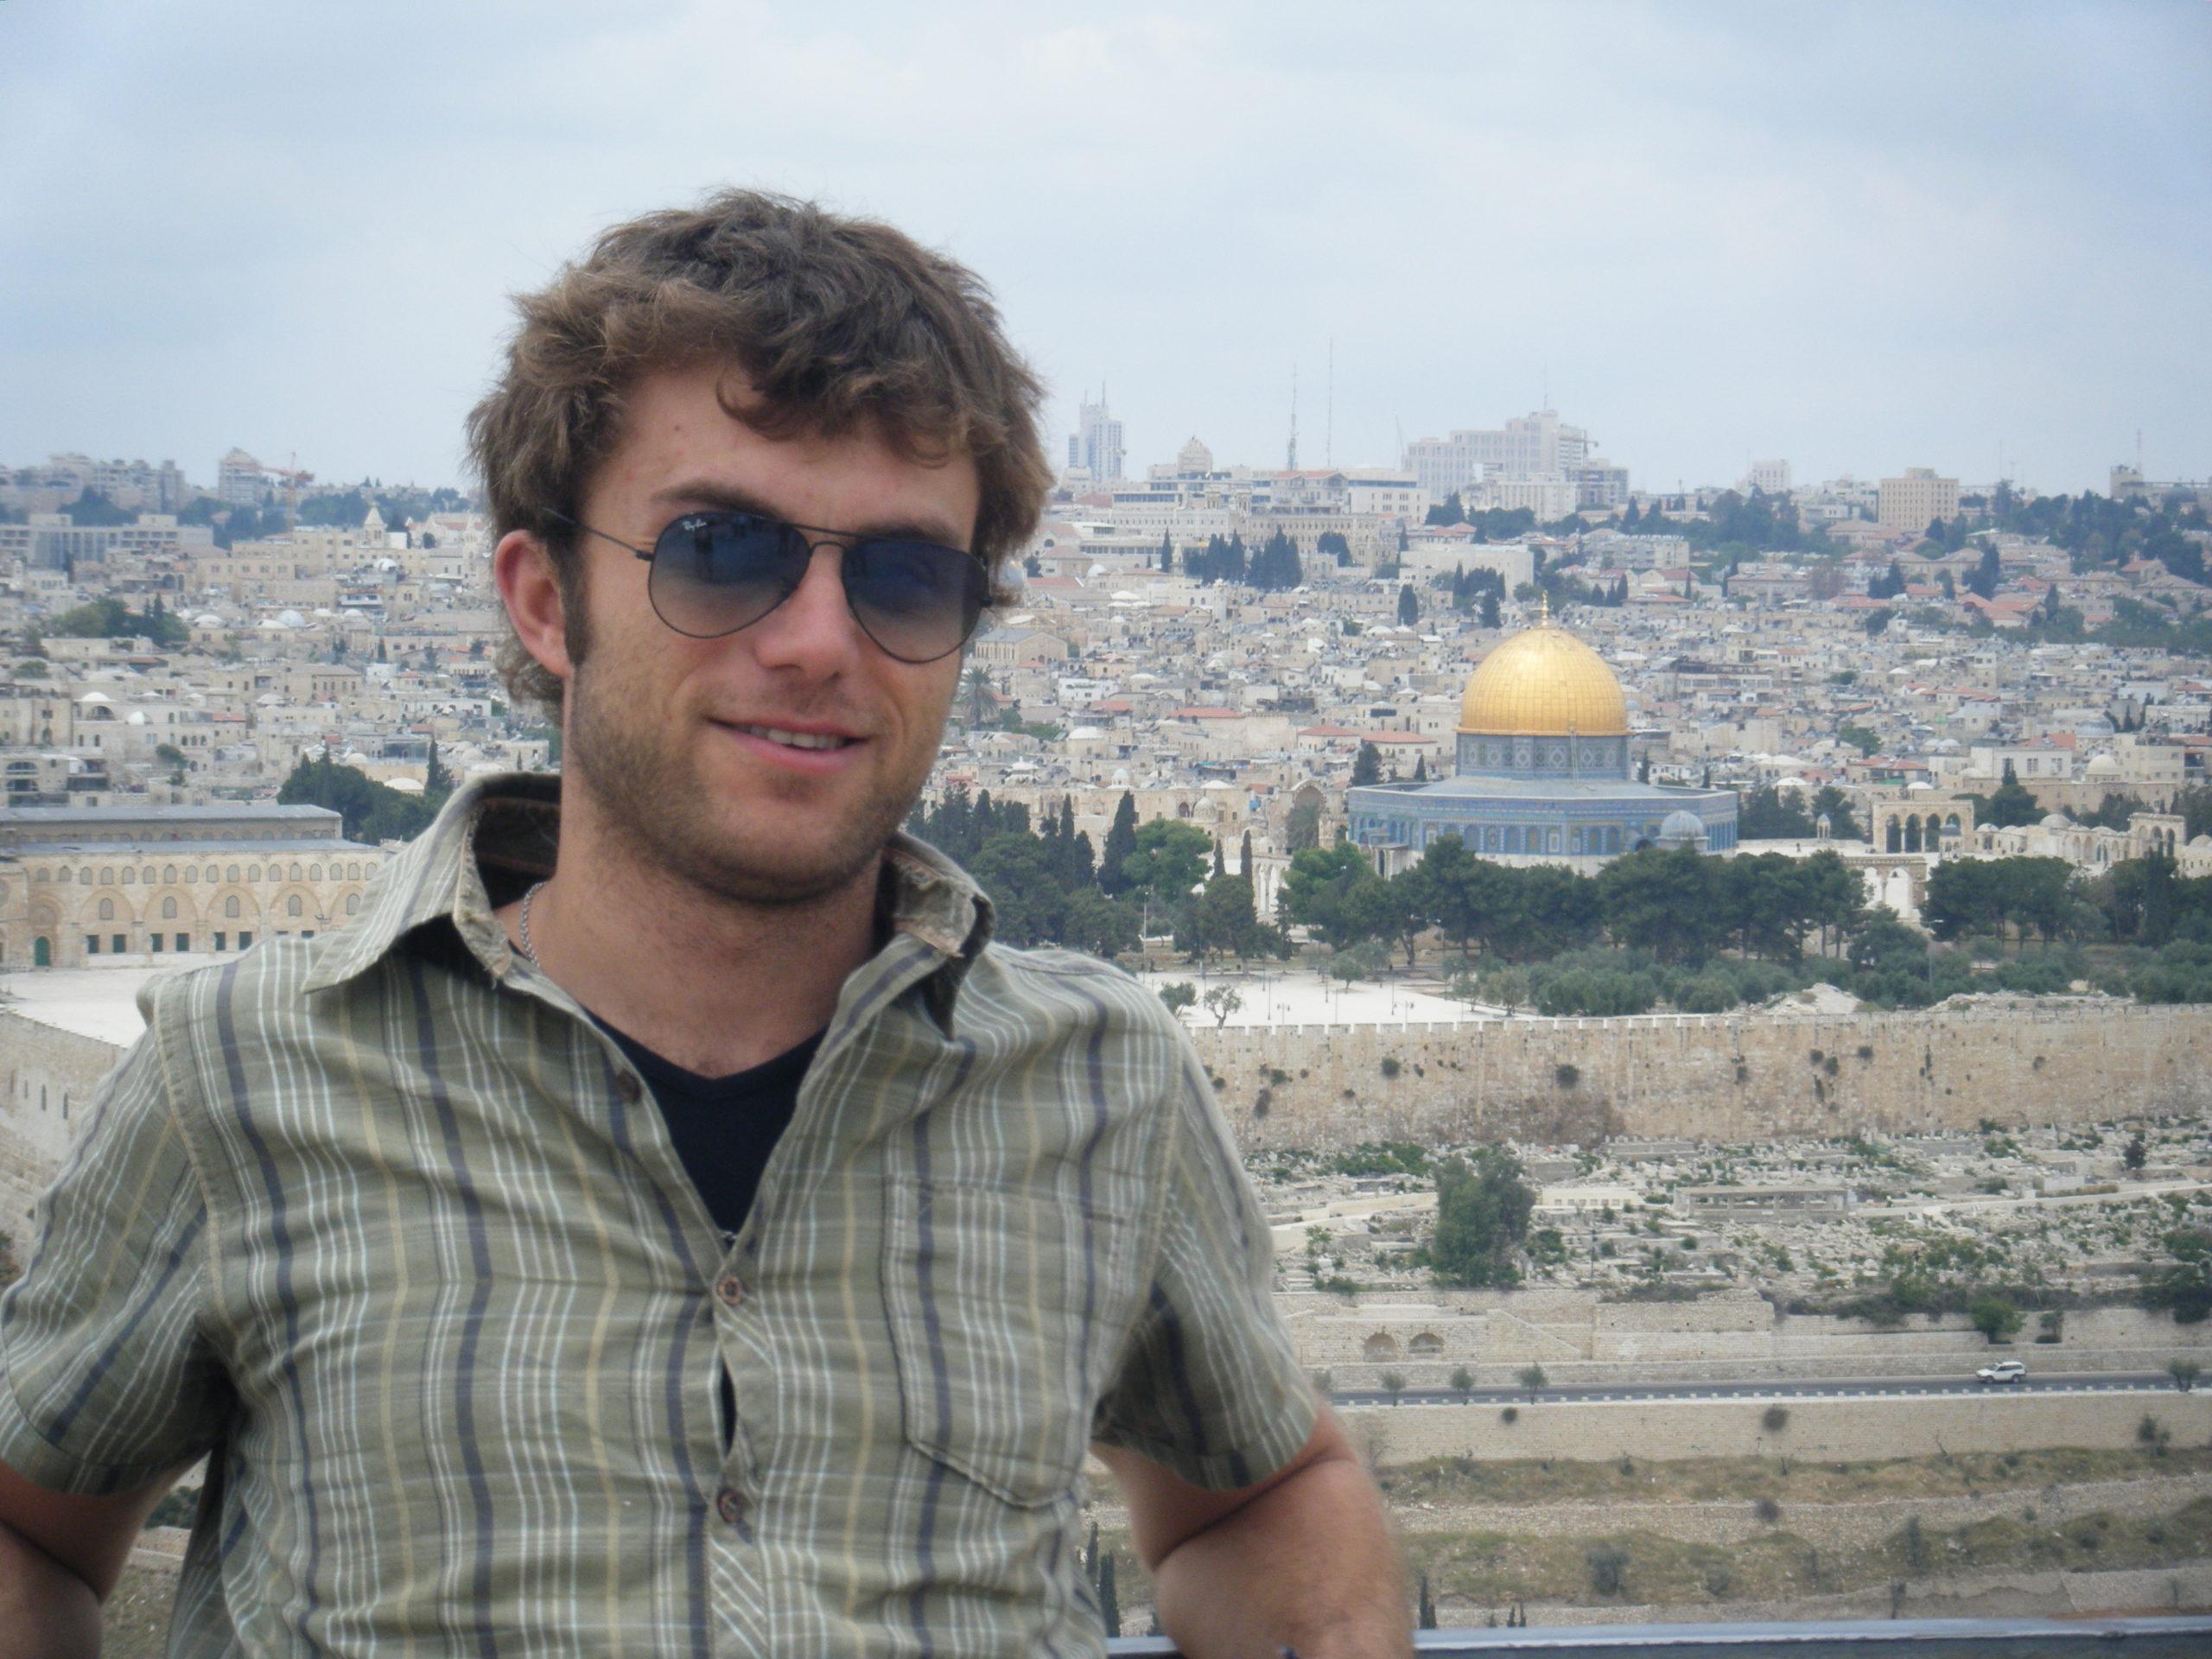 Racconto della giornata a Gerusalemme